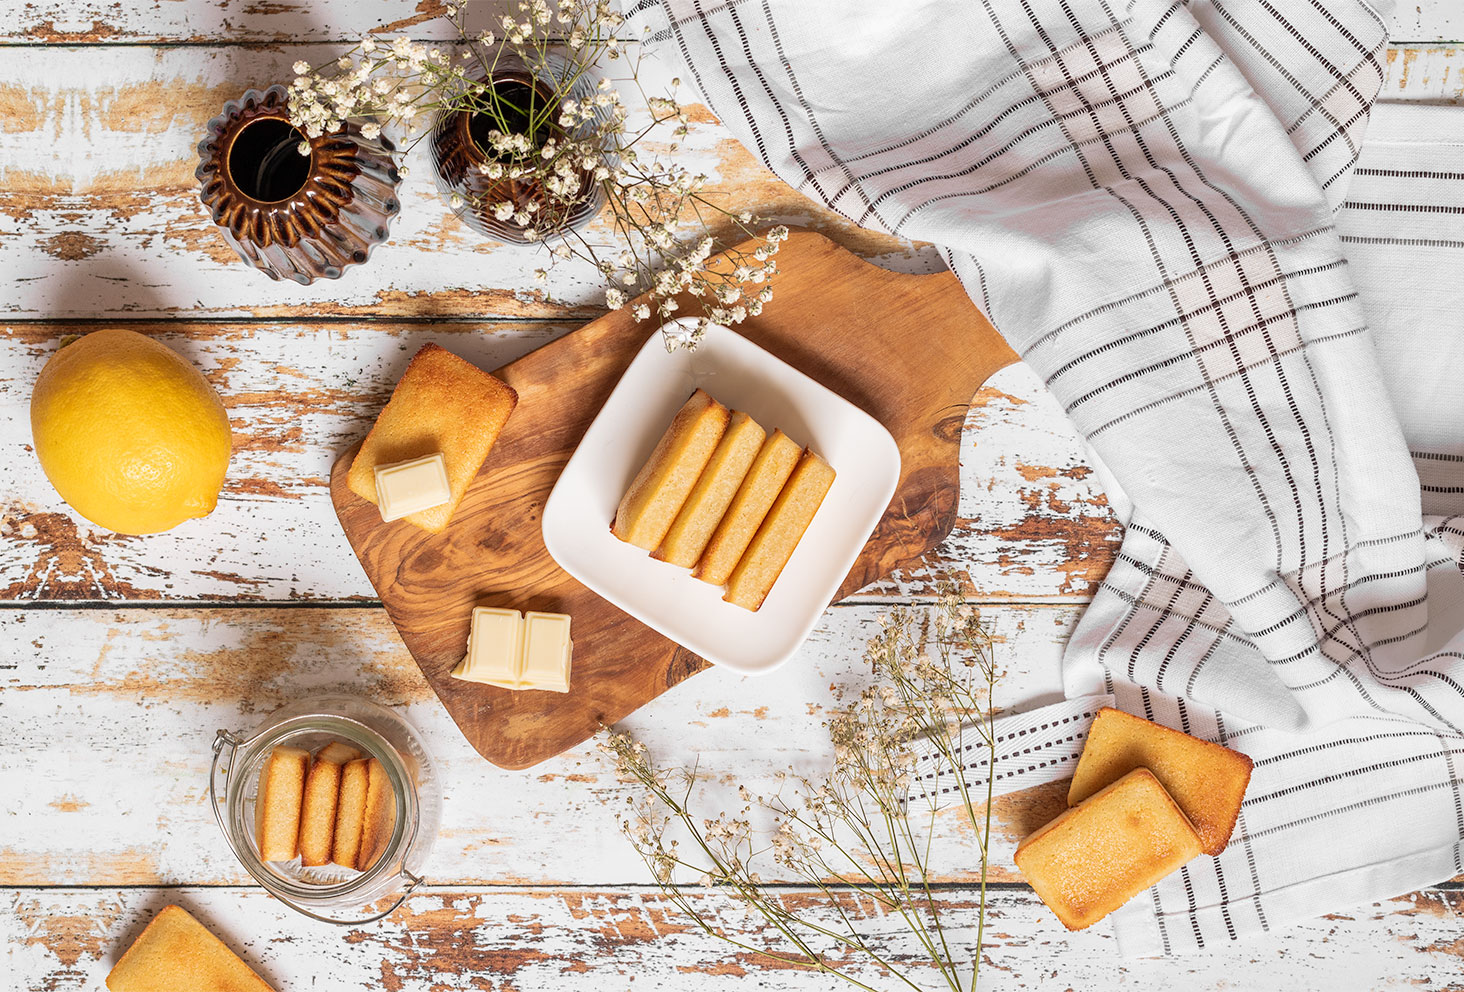 Des minis financiers au citron et au pépites de chocolat blanc, posés sur une planche à découper en bois, sur une table blanche en bois vintage avec un torchon et des fleurs séchées